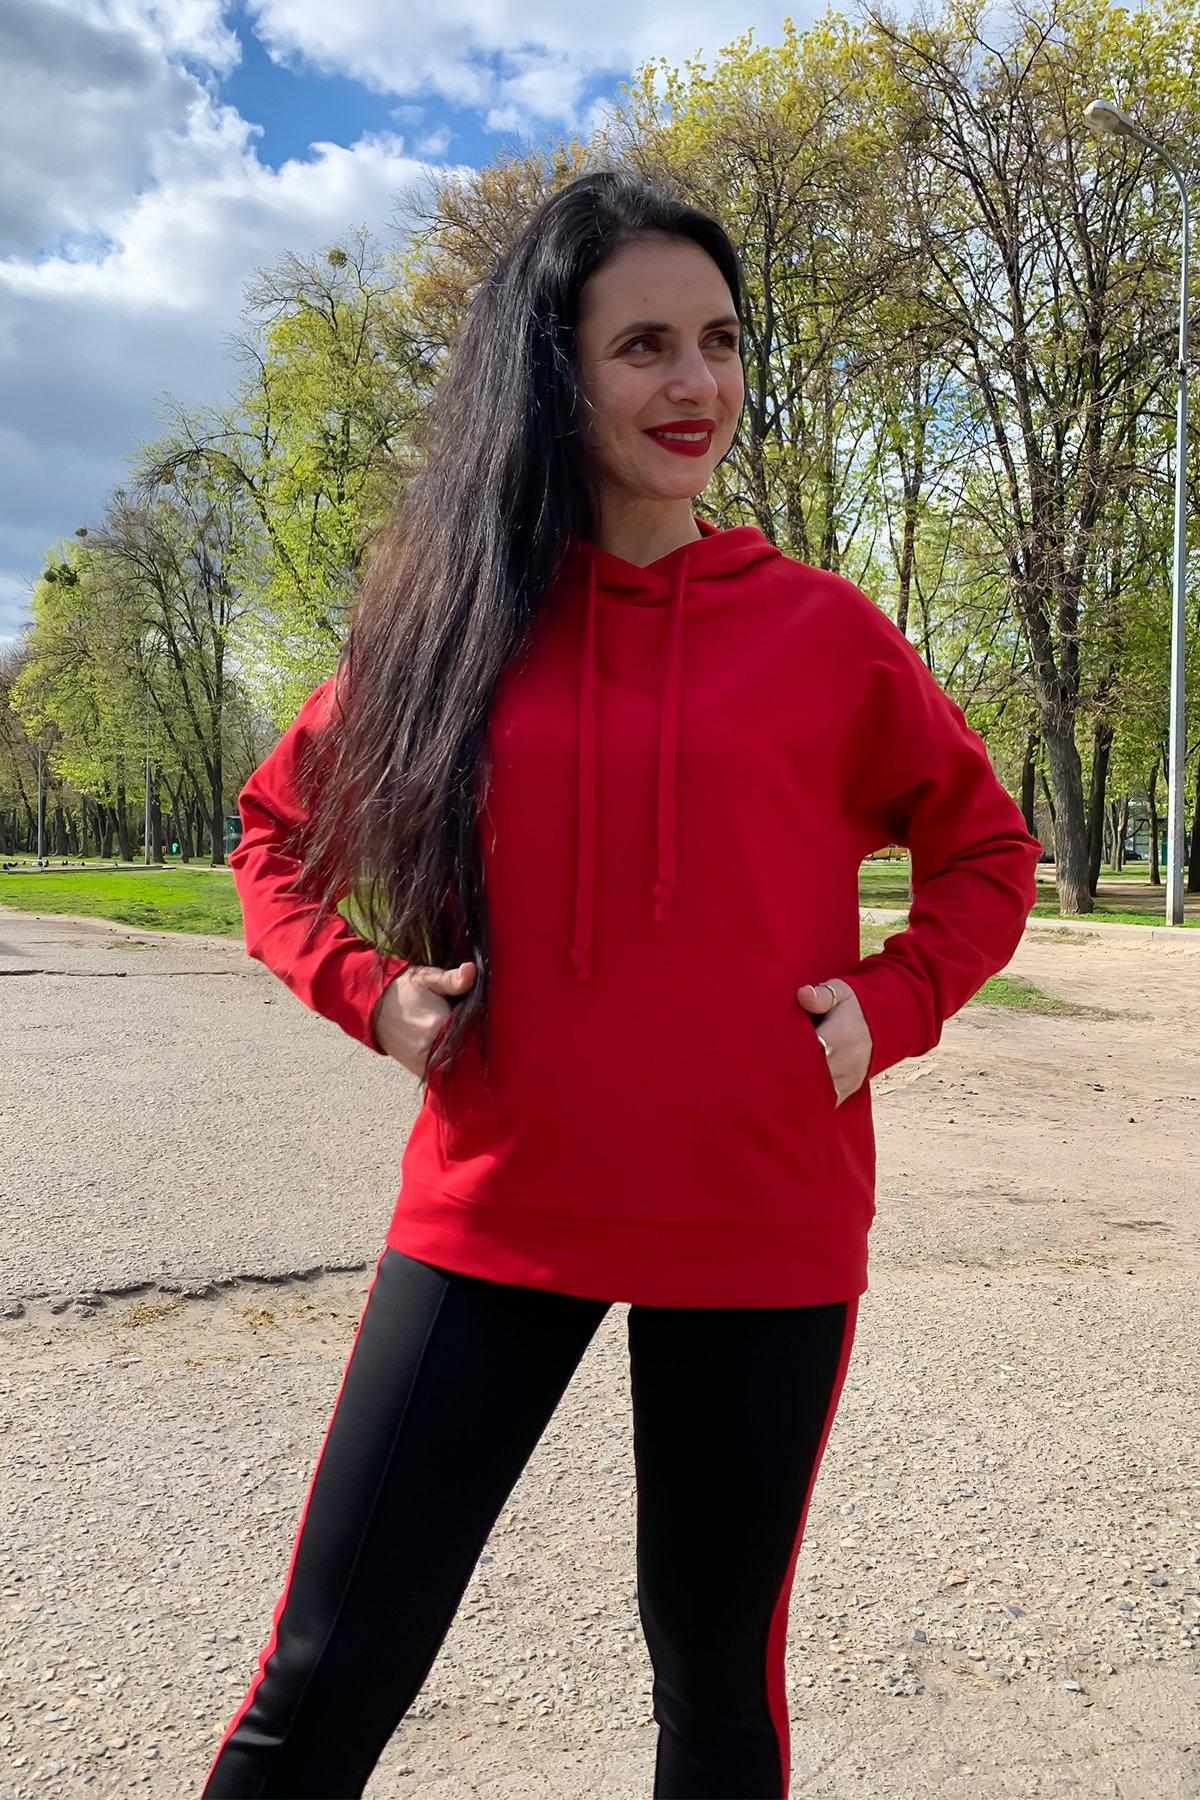 Костюм Вайт 9173 АРТ. 45493 Цвет: Красный/черный - фото 4, интернет магазин tm-modus.ru